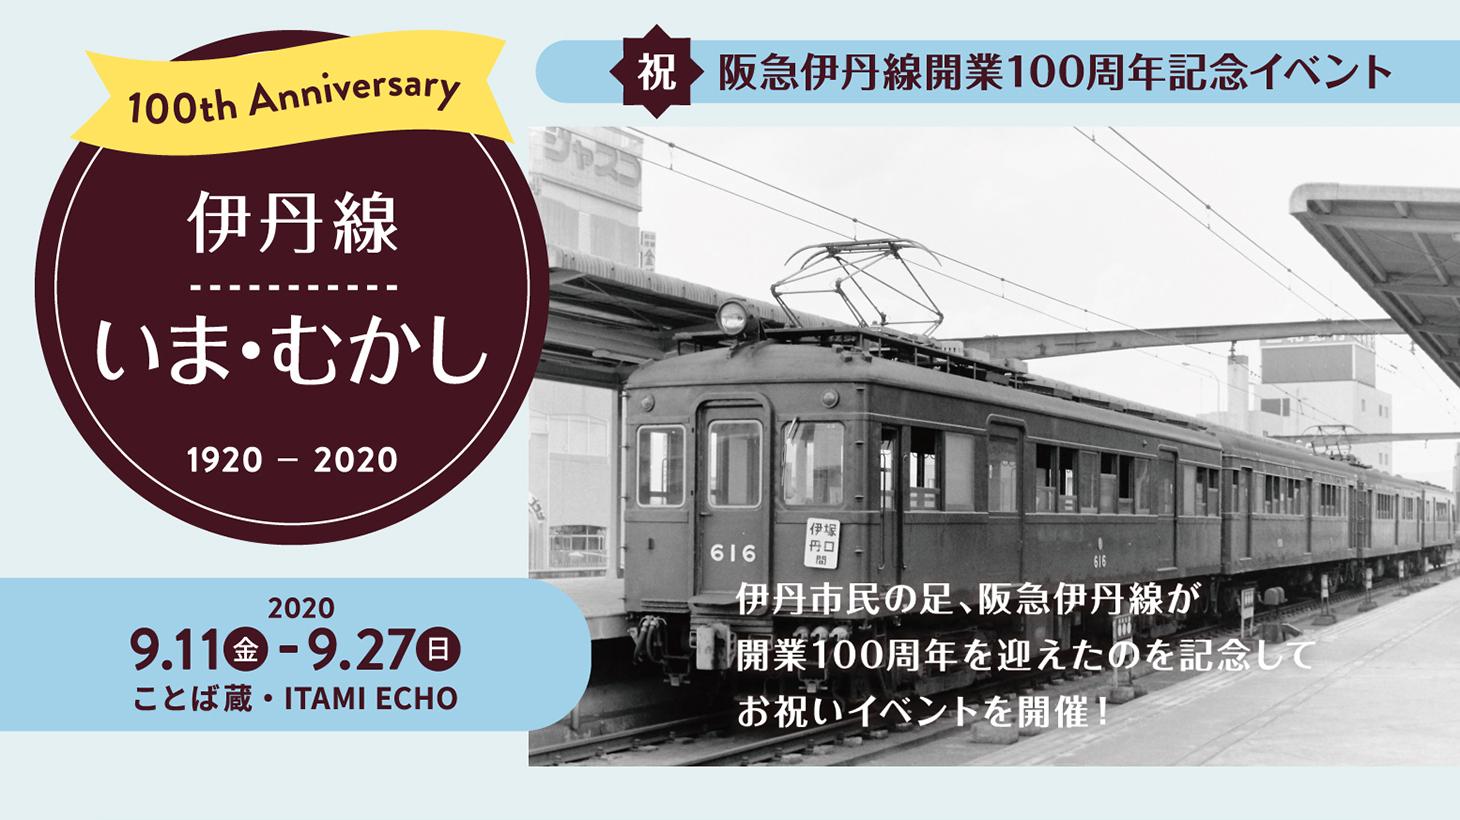 阪急伊丹線開業100周年イベント「伊丹線いま・むかし」